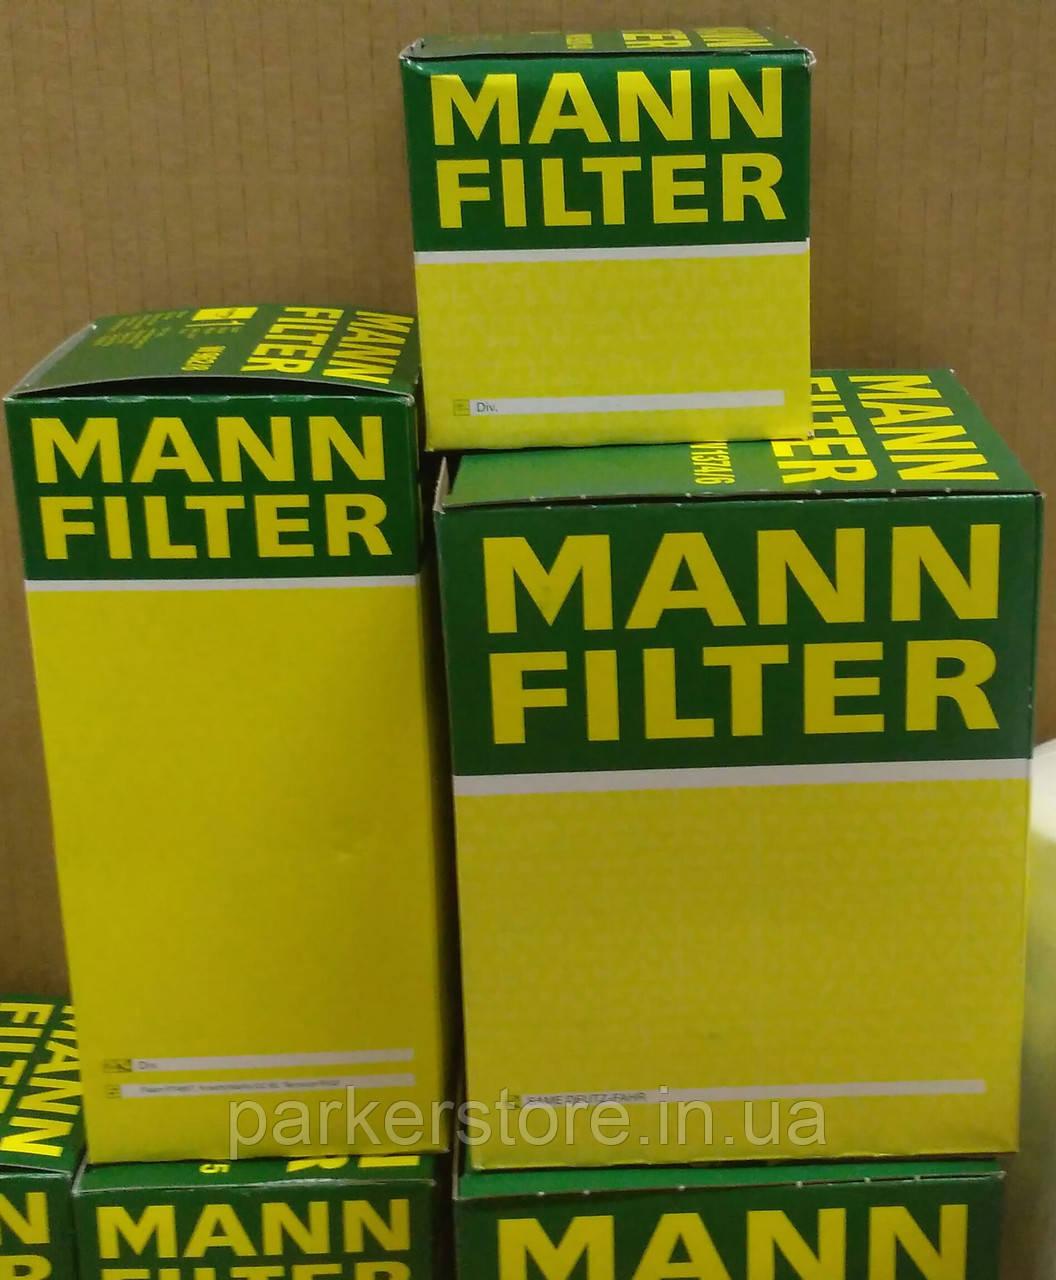 MANN FILTER / Воздушный фильтр / C 14 140 / C14140